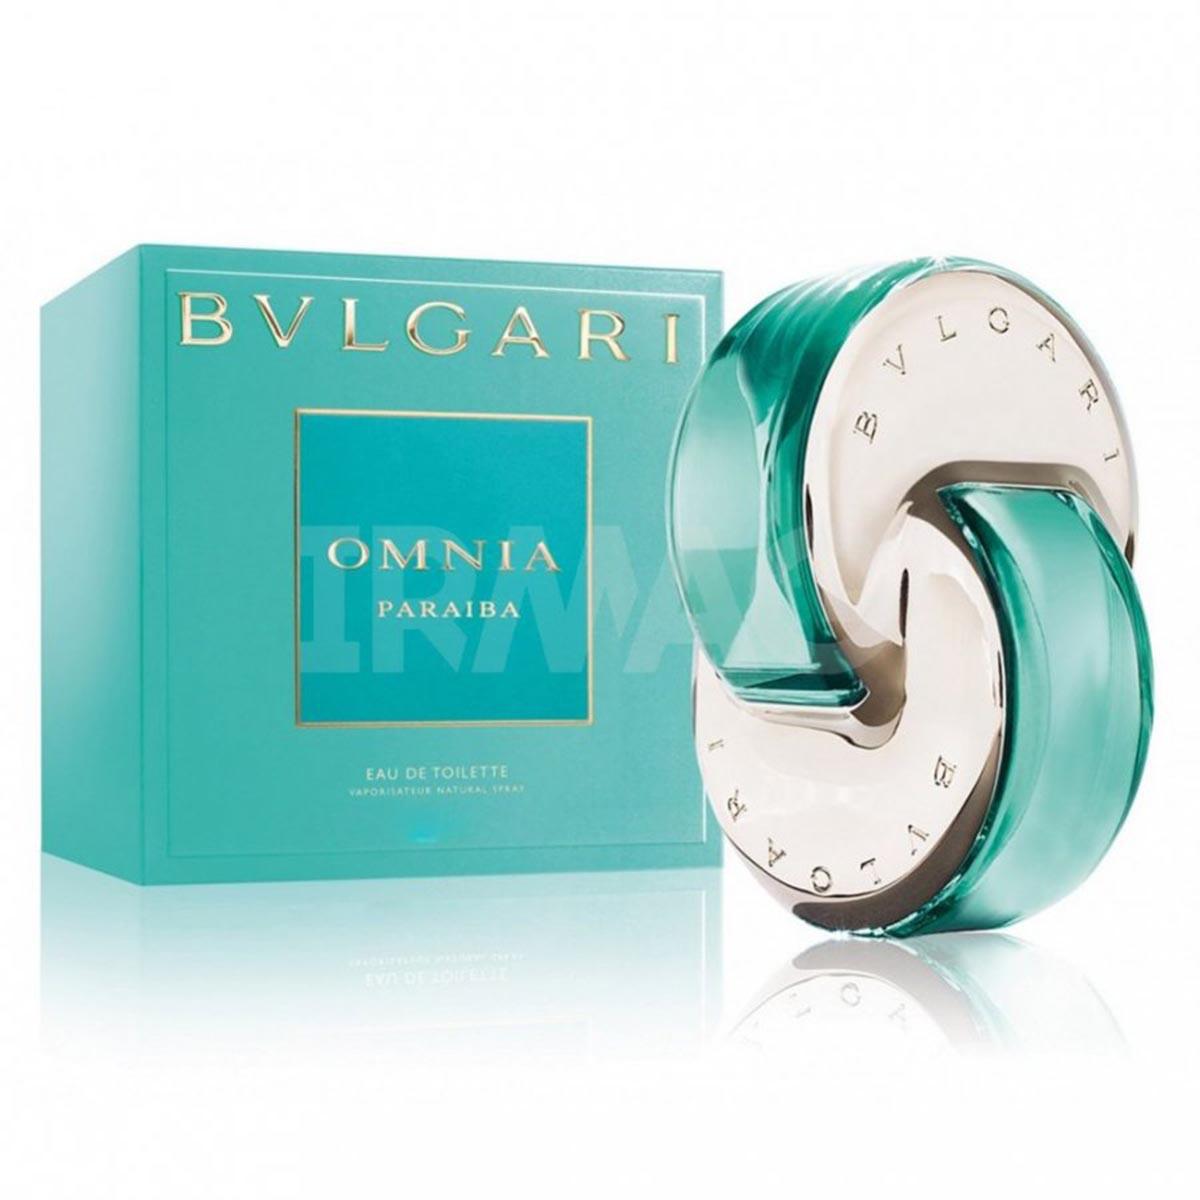 Bvlgari omnia paraiba eau de toilette 40ml vaporizador